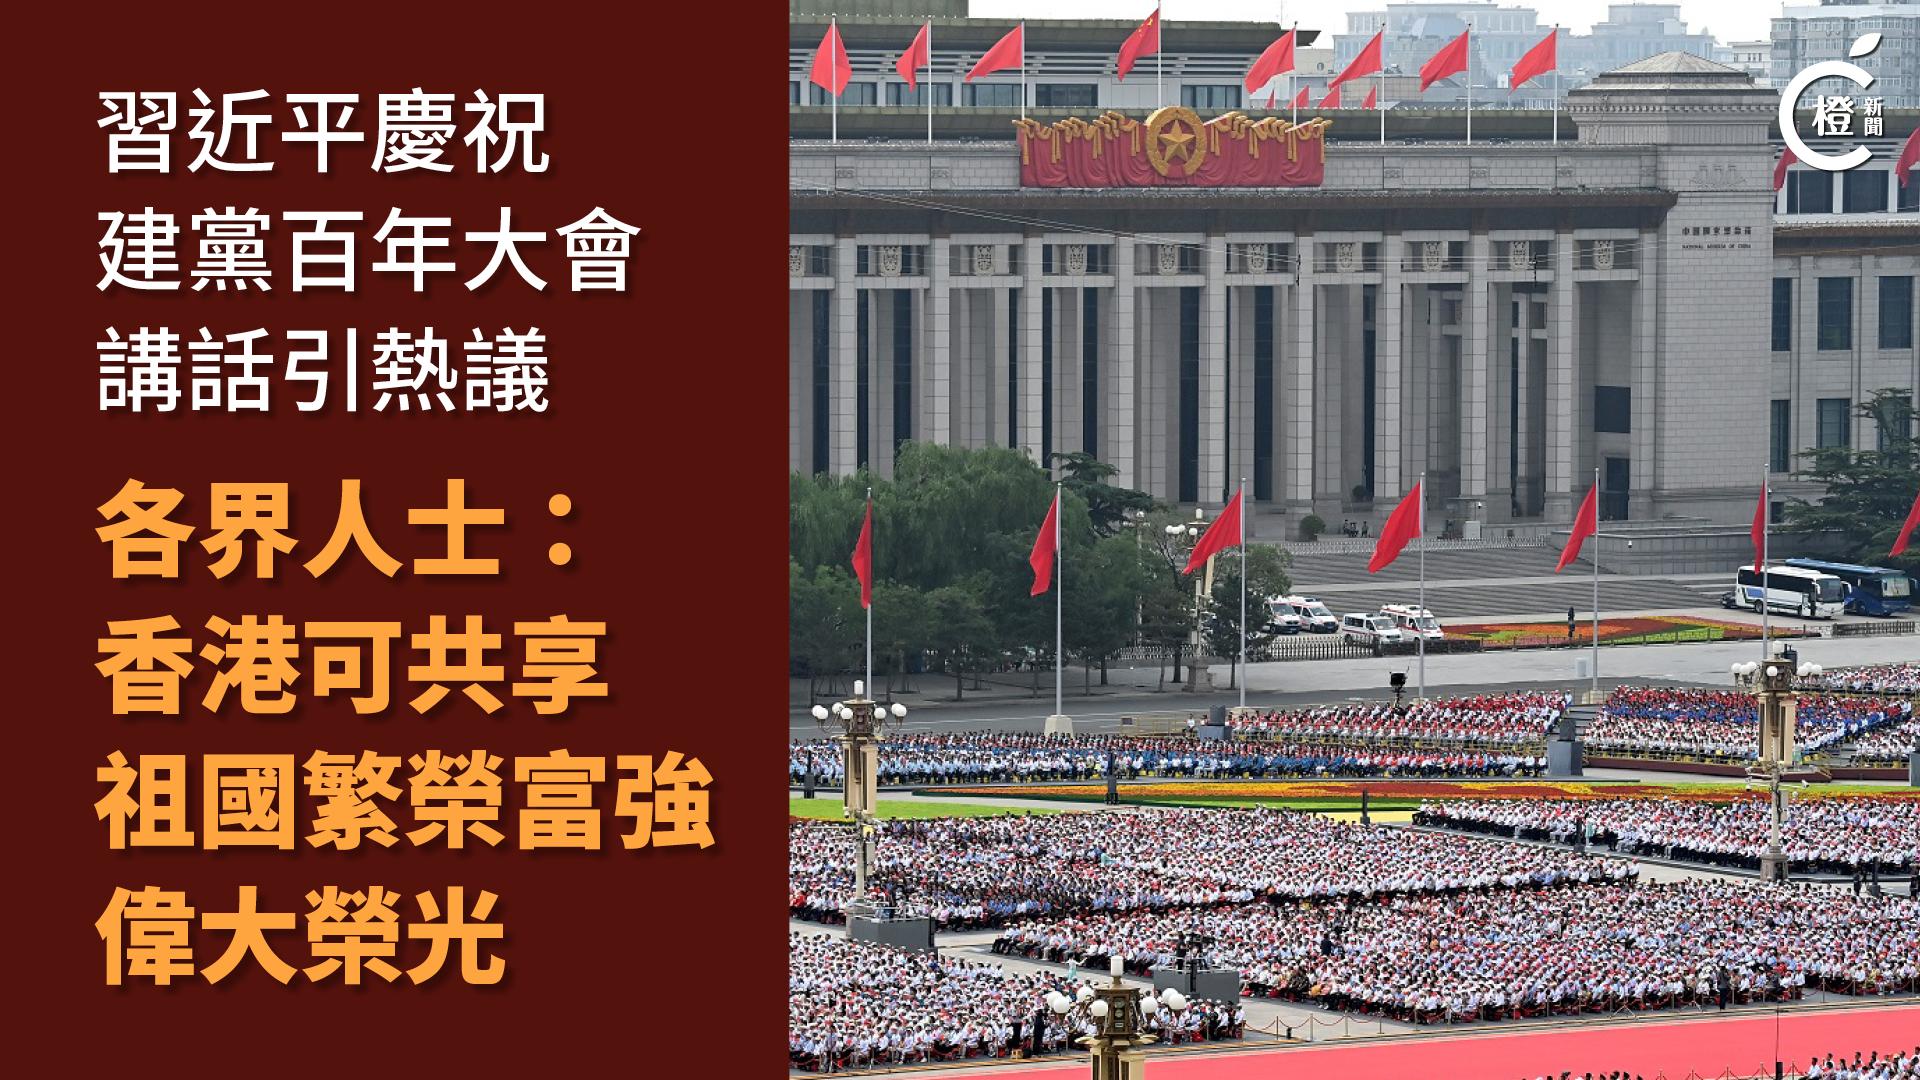 【一圖睇晒】習近平慶祝建黨百周年大會講話引熱議 各界人士:香港可共享祖國繁榮富強偉大榮光